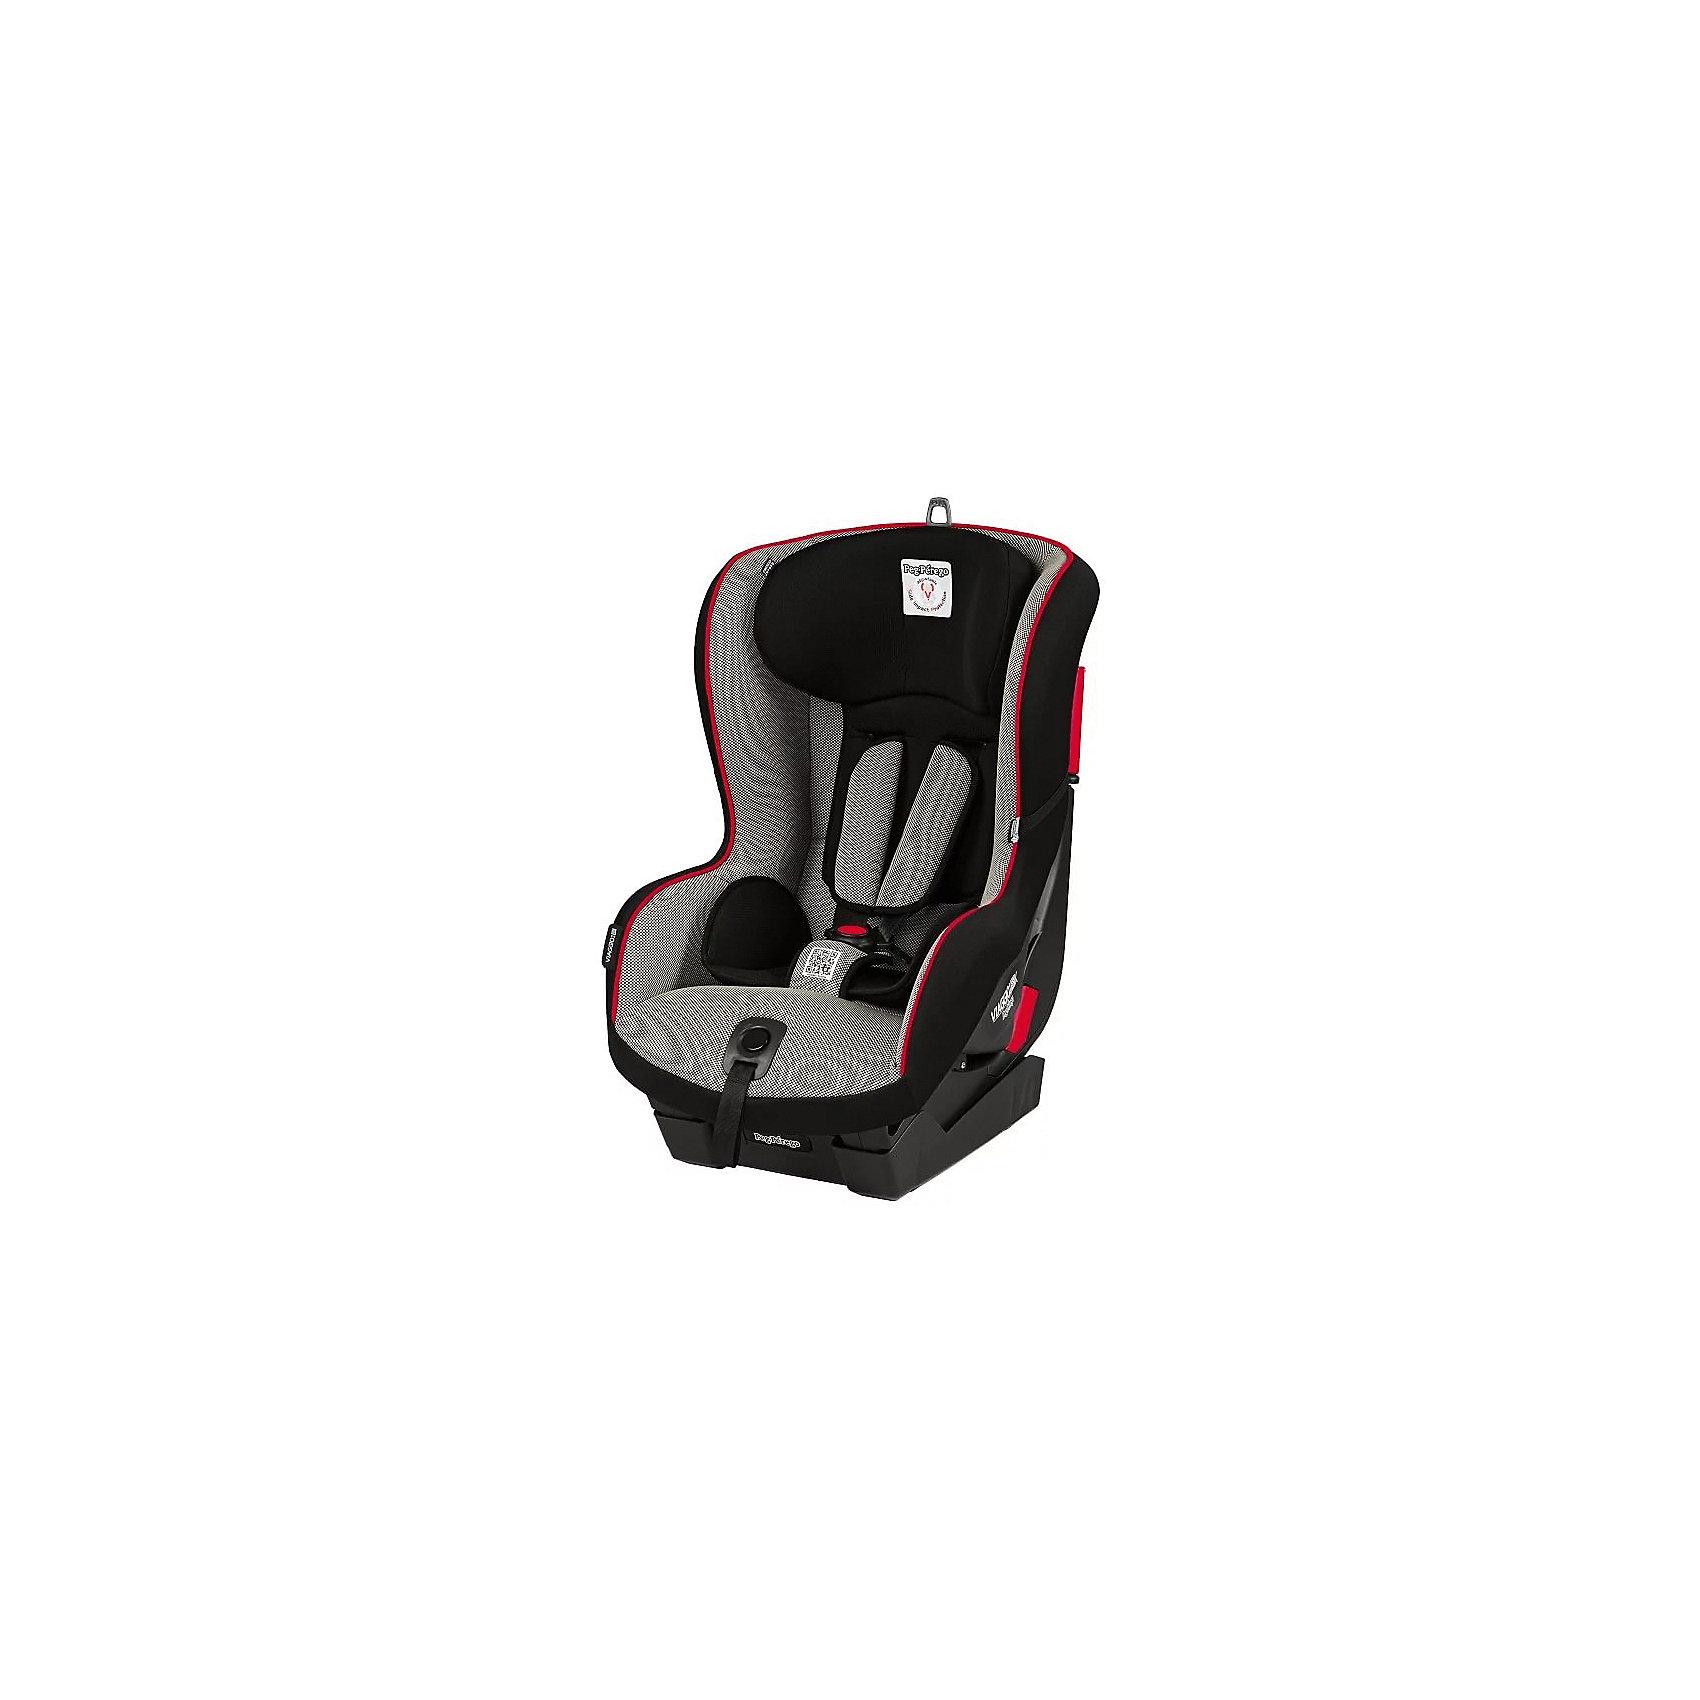 Автокресло Viaggio1 Duo-Fix K, 9-18 кг., Peg-Perego, SportДетское автокресло Peg Perego Viaggio1 Duo-Fix предназначено для детей весом от 9 до 18 кг.(от 9 мес. до 4 лет). Широкое сидение с редукторной подушкой, пятиточечным ремнем безопасности и дополнительной системой защиты от бокового удара, что обеспечивает максимальную безопасность, а 4 положения наклона обеспечивает ребенку комфорт и отдых в длительных поездках и во время сна.<br><br>Ширина мм: 550<br>Глубина мм: 450<br>Высота мм: 740<br>Вес г: 13000<br>Возраст от месяцев: 12<br>Возраст до месяцев: 48<br>Пол: Унисекс<br>Возраст: Детский<br>SKU: 5545242